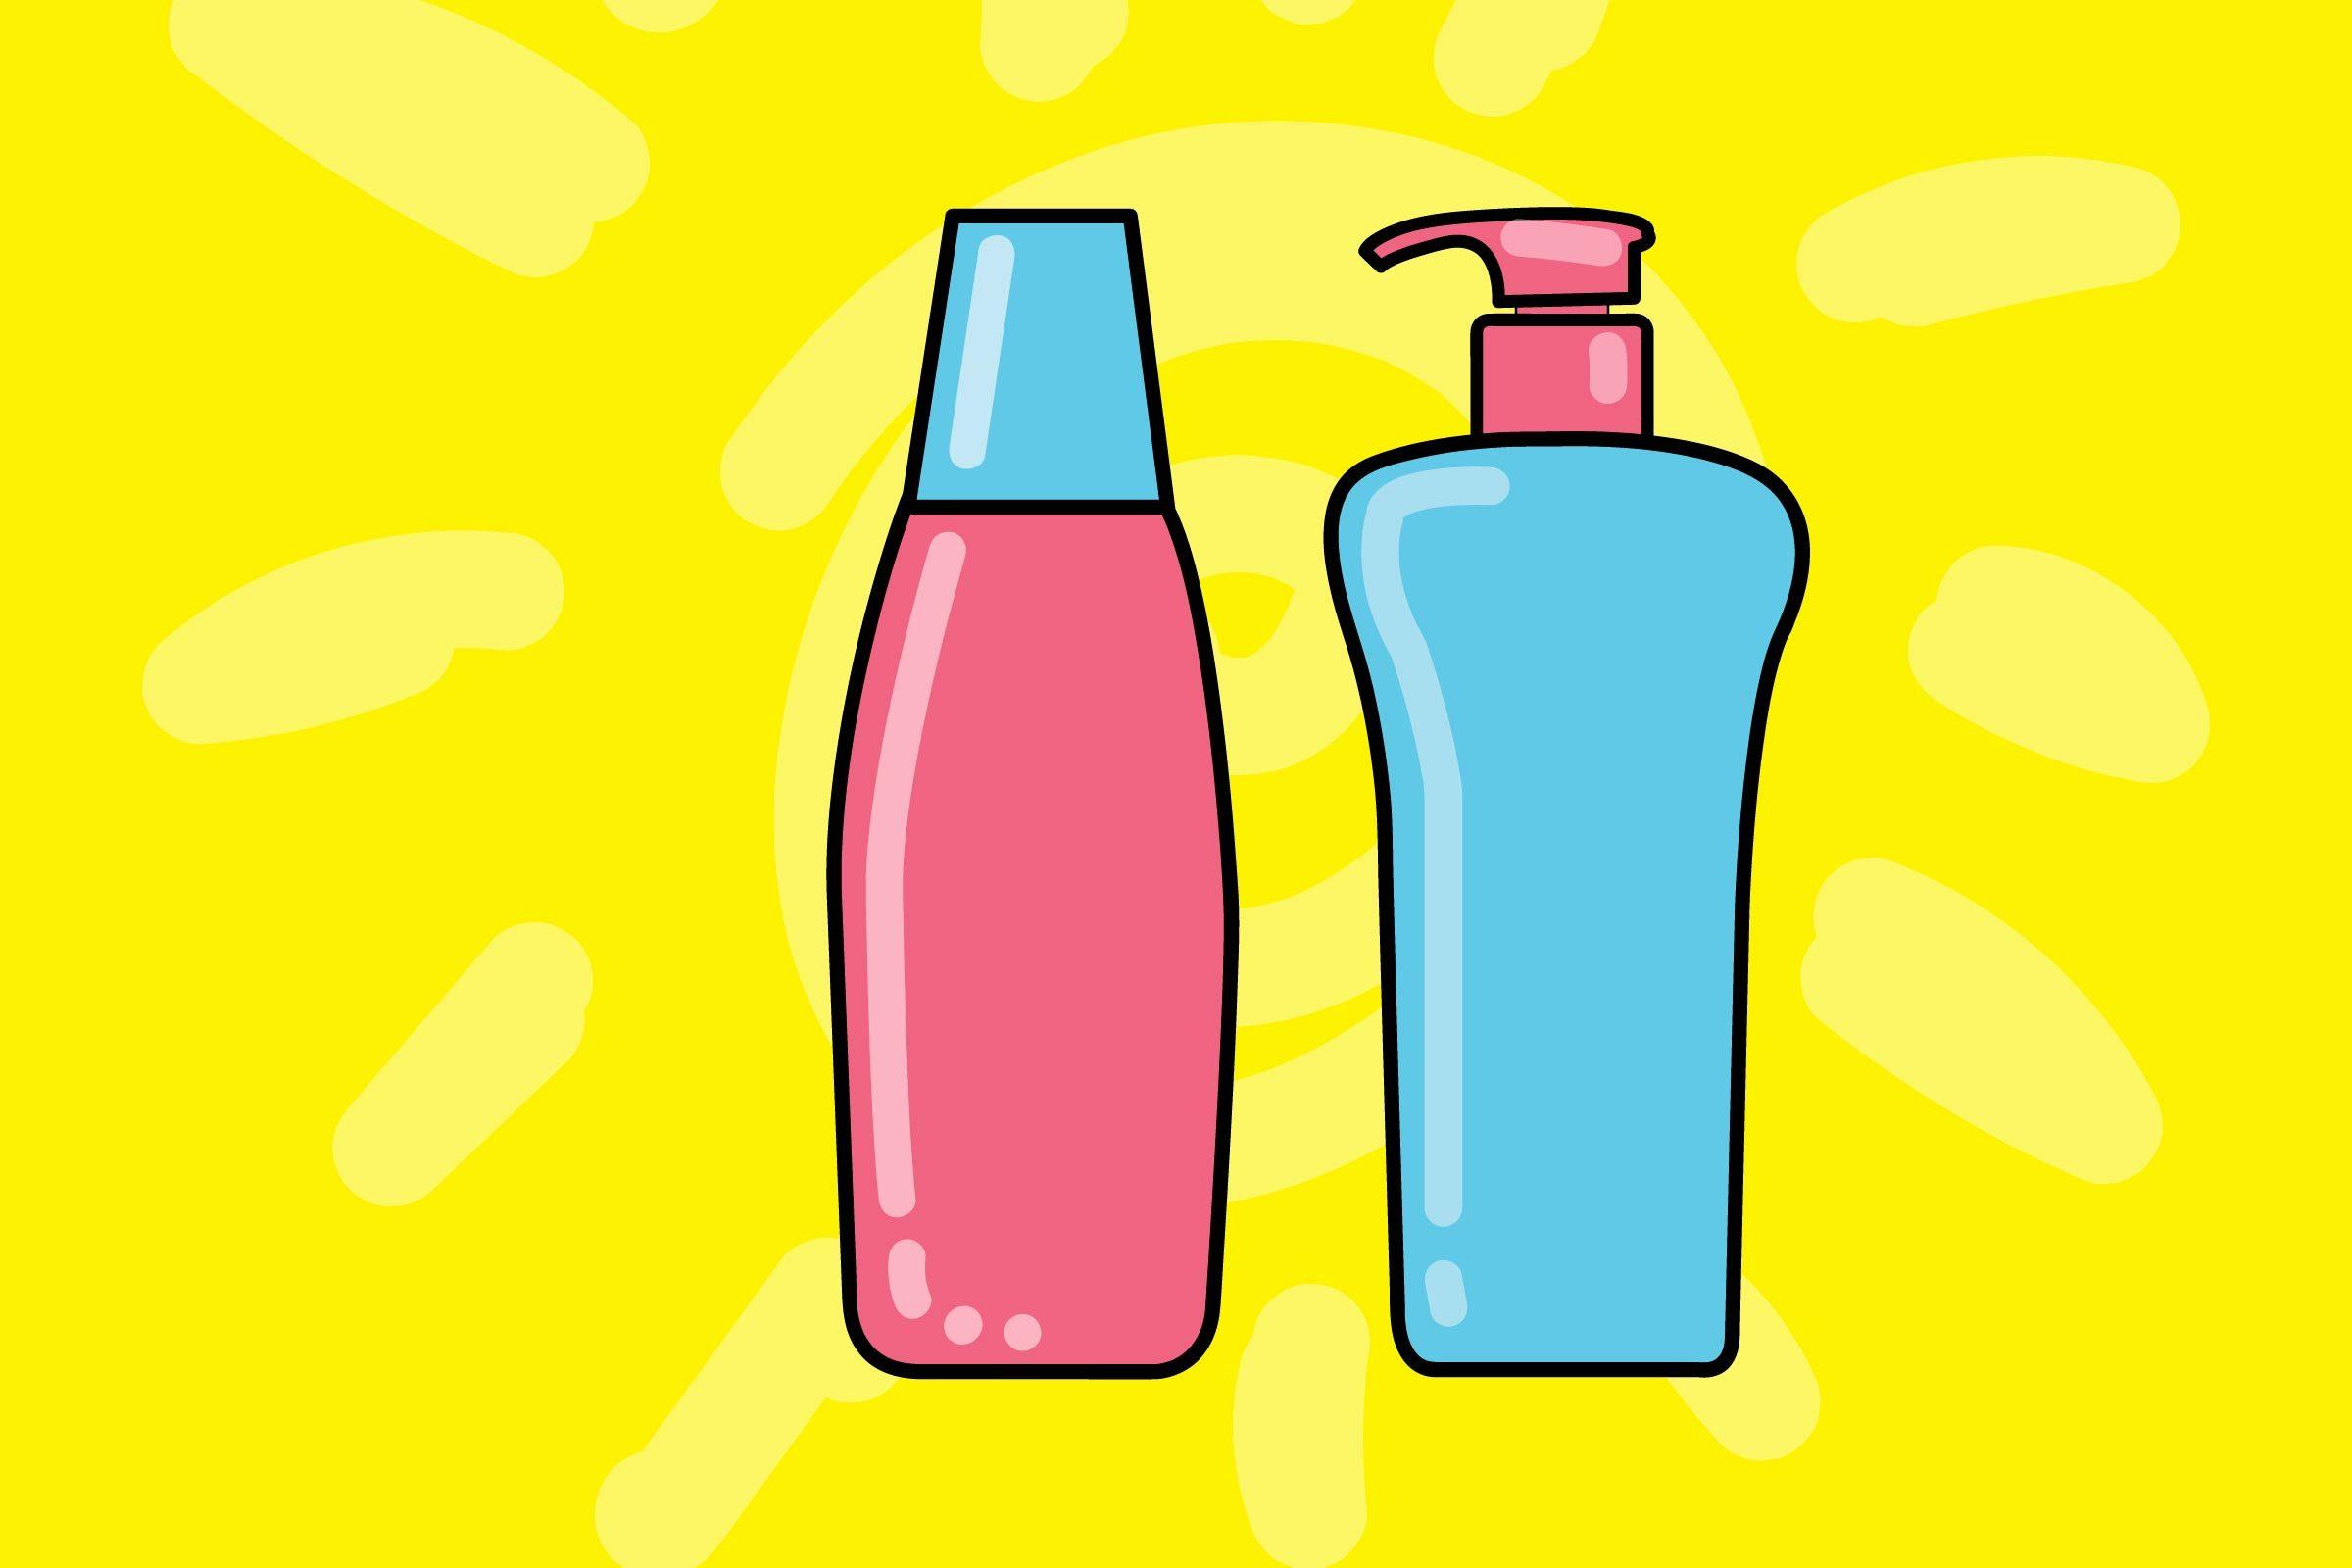 illustration of two hair care bottles